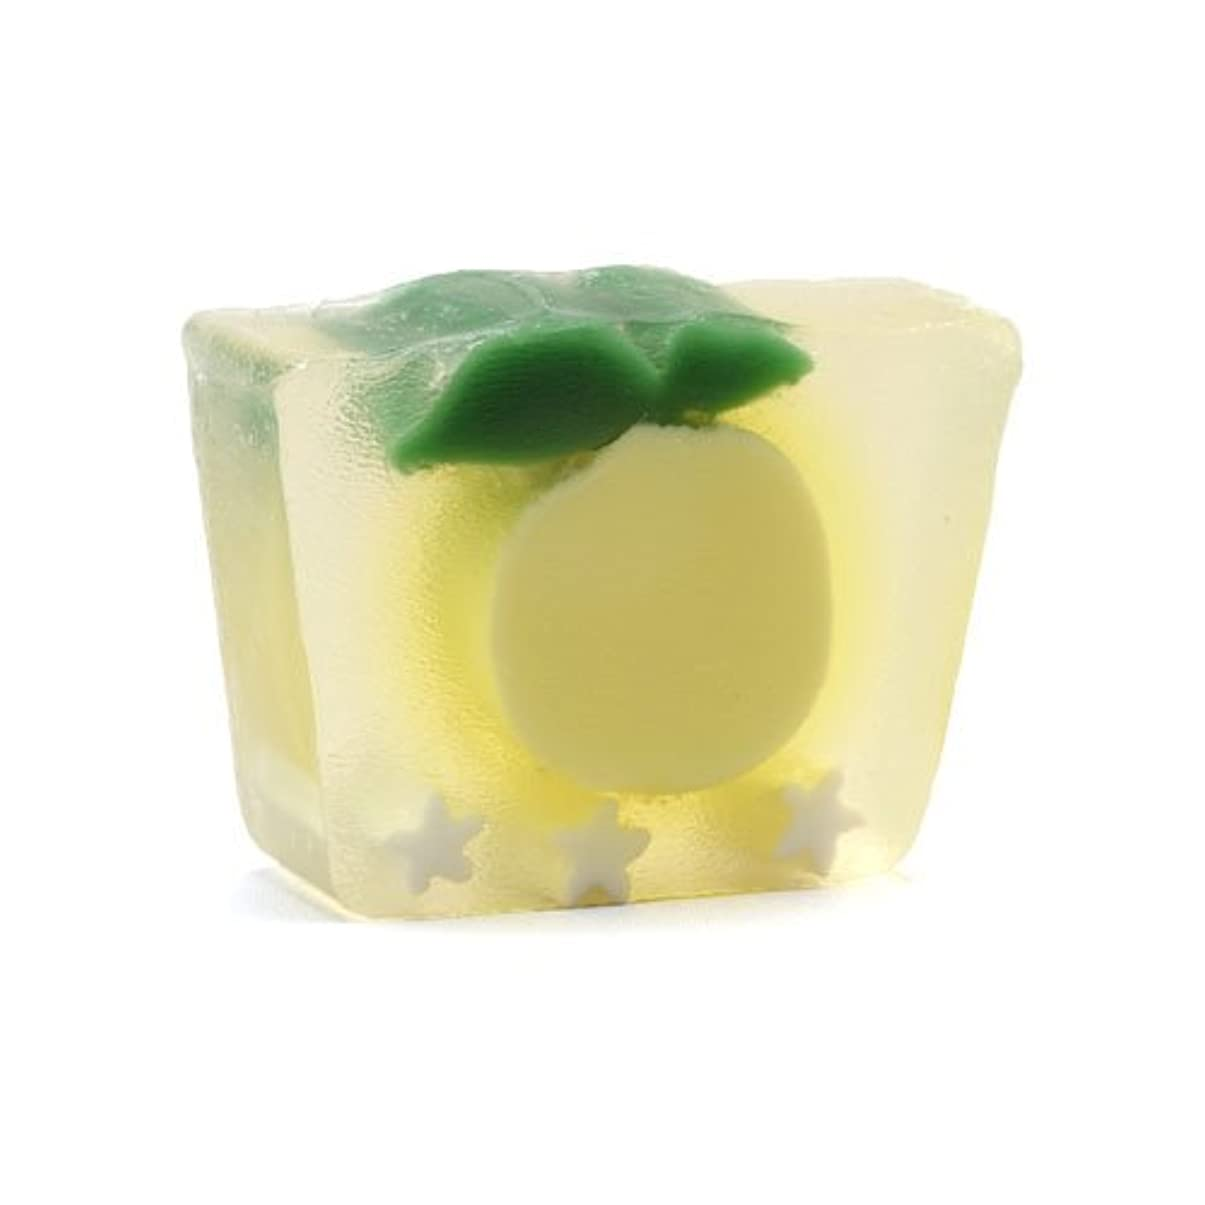 酸化物額ちょっと待ってプライモールエレメンツ アロマティック ミニソープ カリフォルニアレモン 80g 植物性 ナチュラル 石鹸 無添加